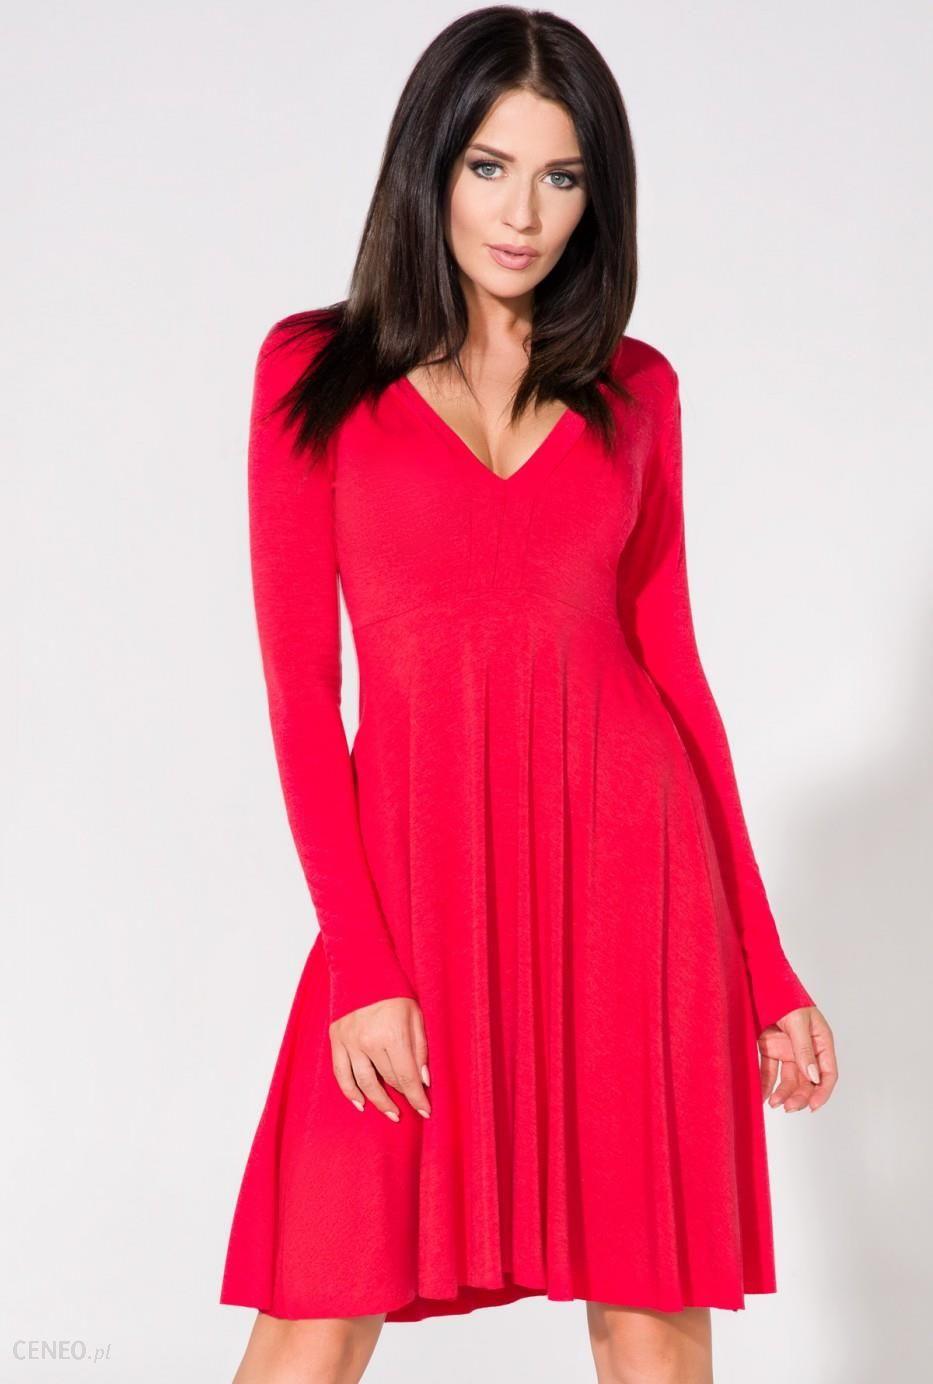 de36835ed2 Sukienka Model T146 Red XL - Ceny i opinie - Ceneo.pl